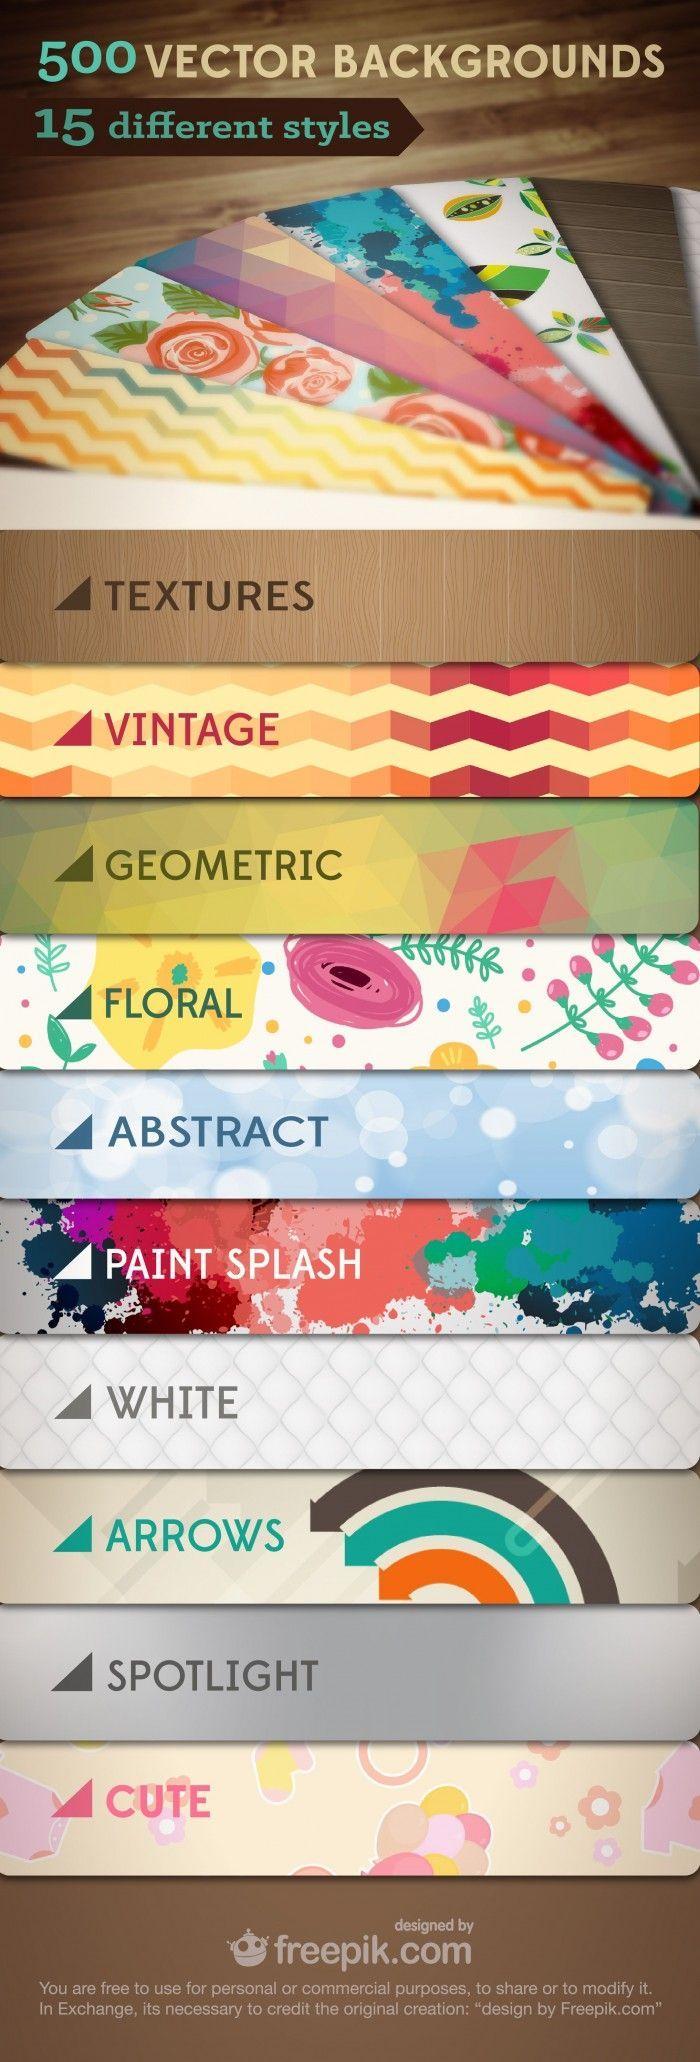 500 Free Vector Backgrounds - designrfix.com